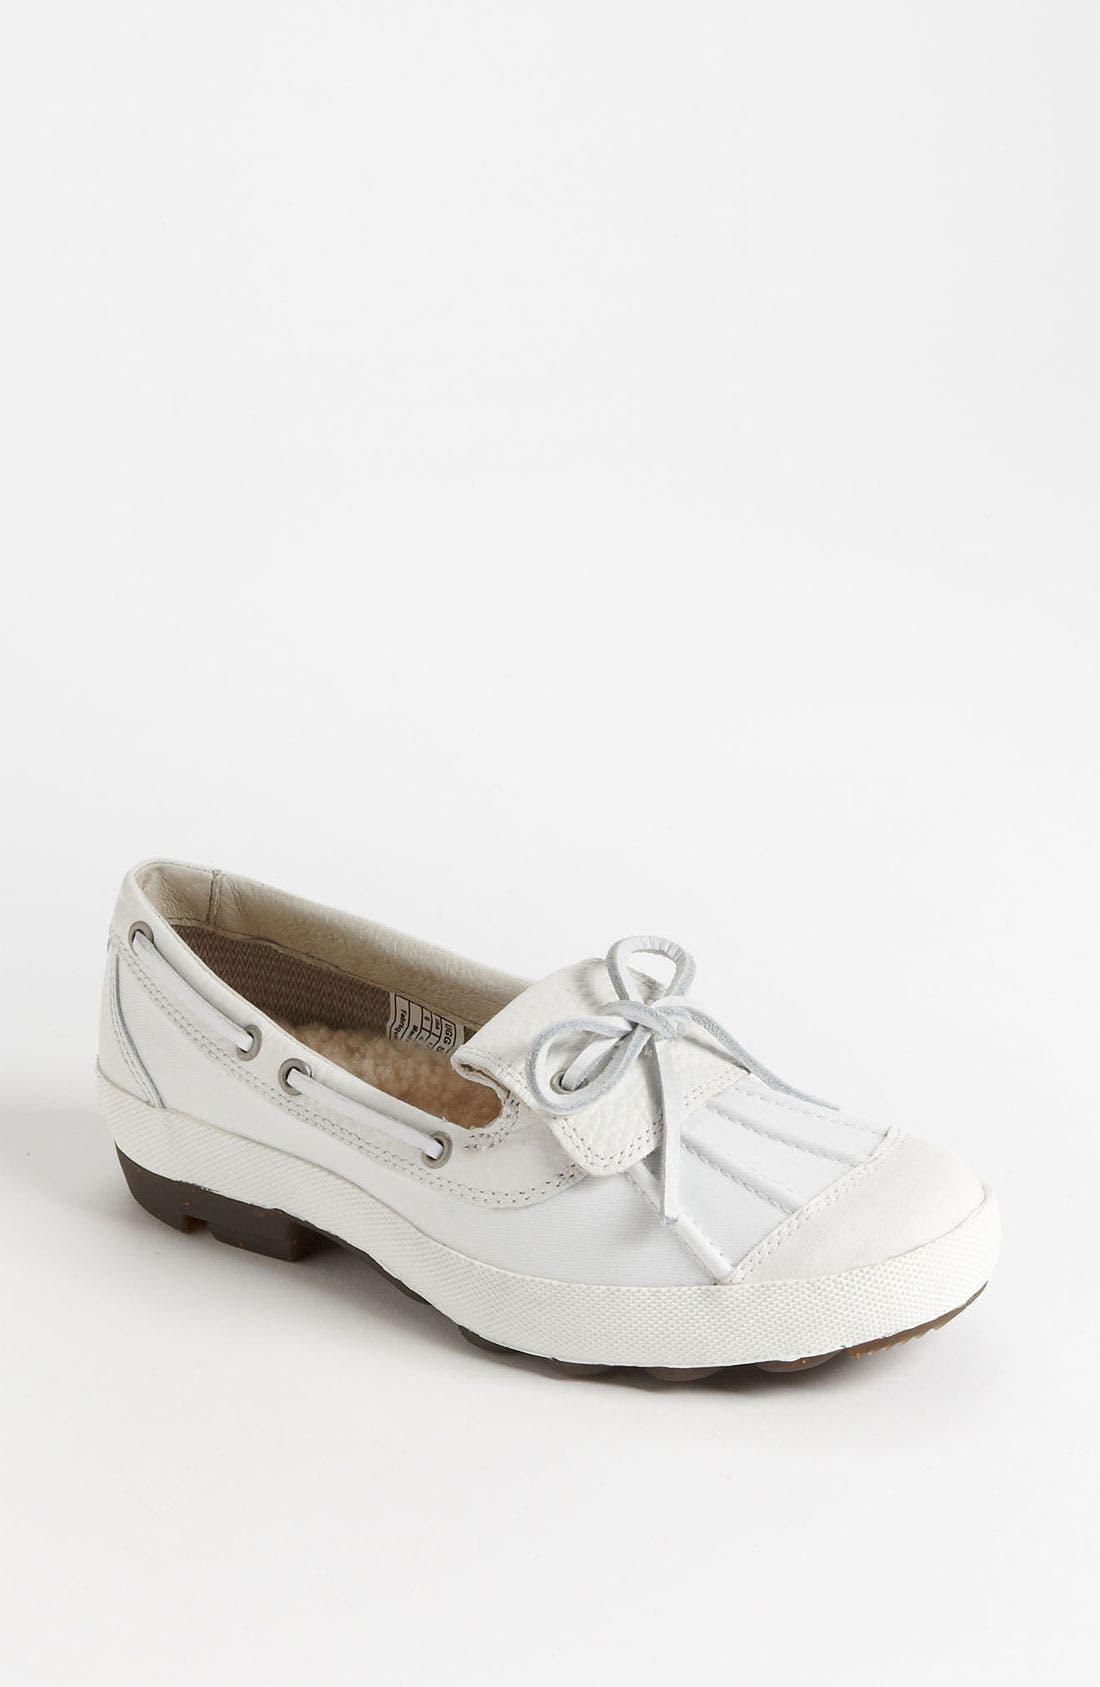 Main Image - UGG® Australia 'Ashdale' Duck Shoe (Women)